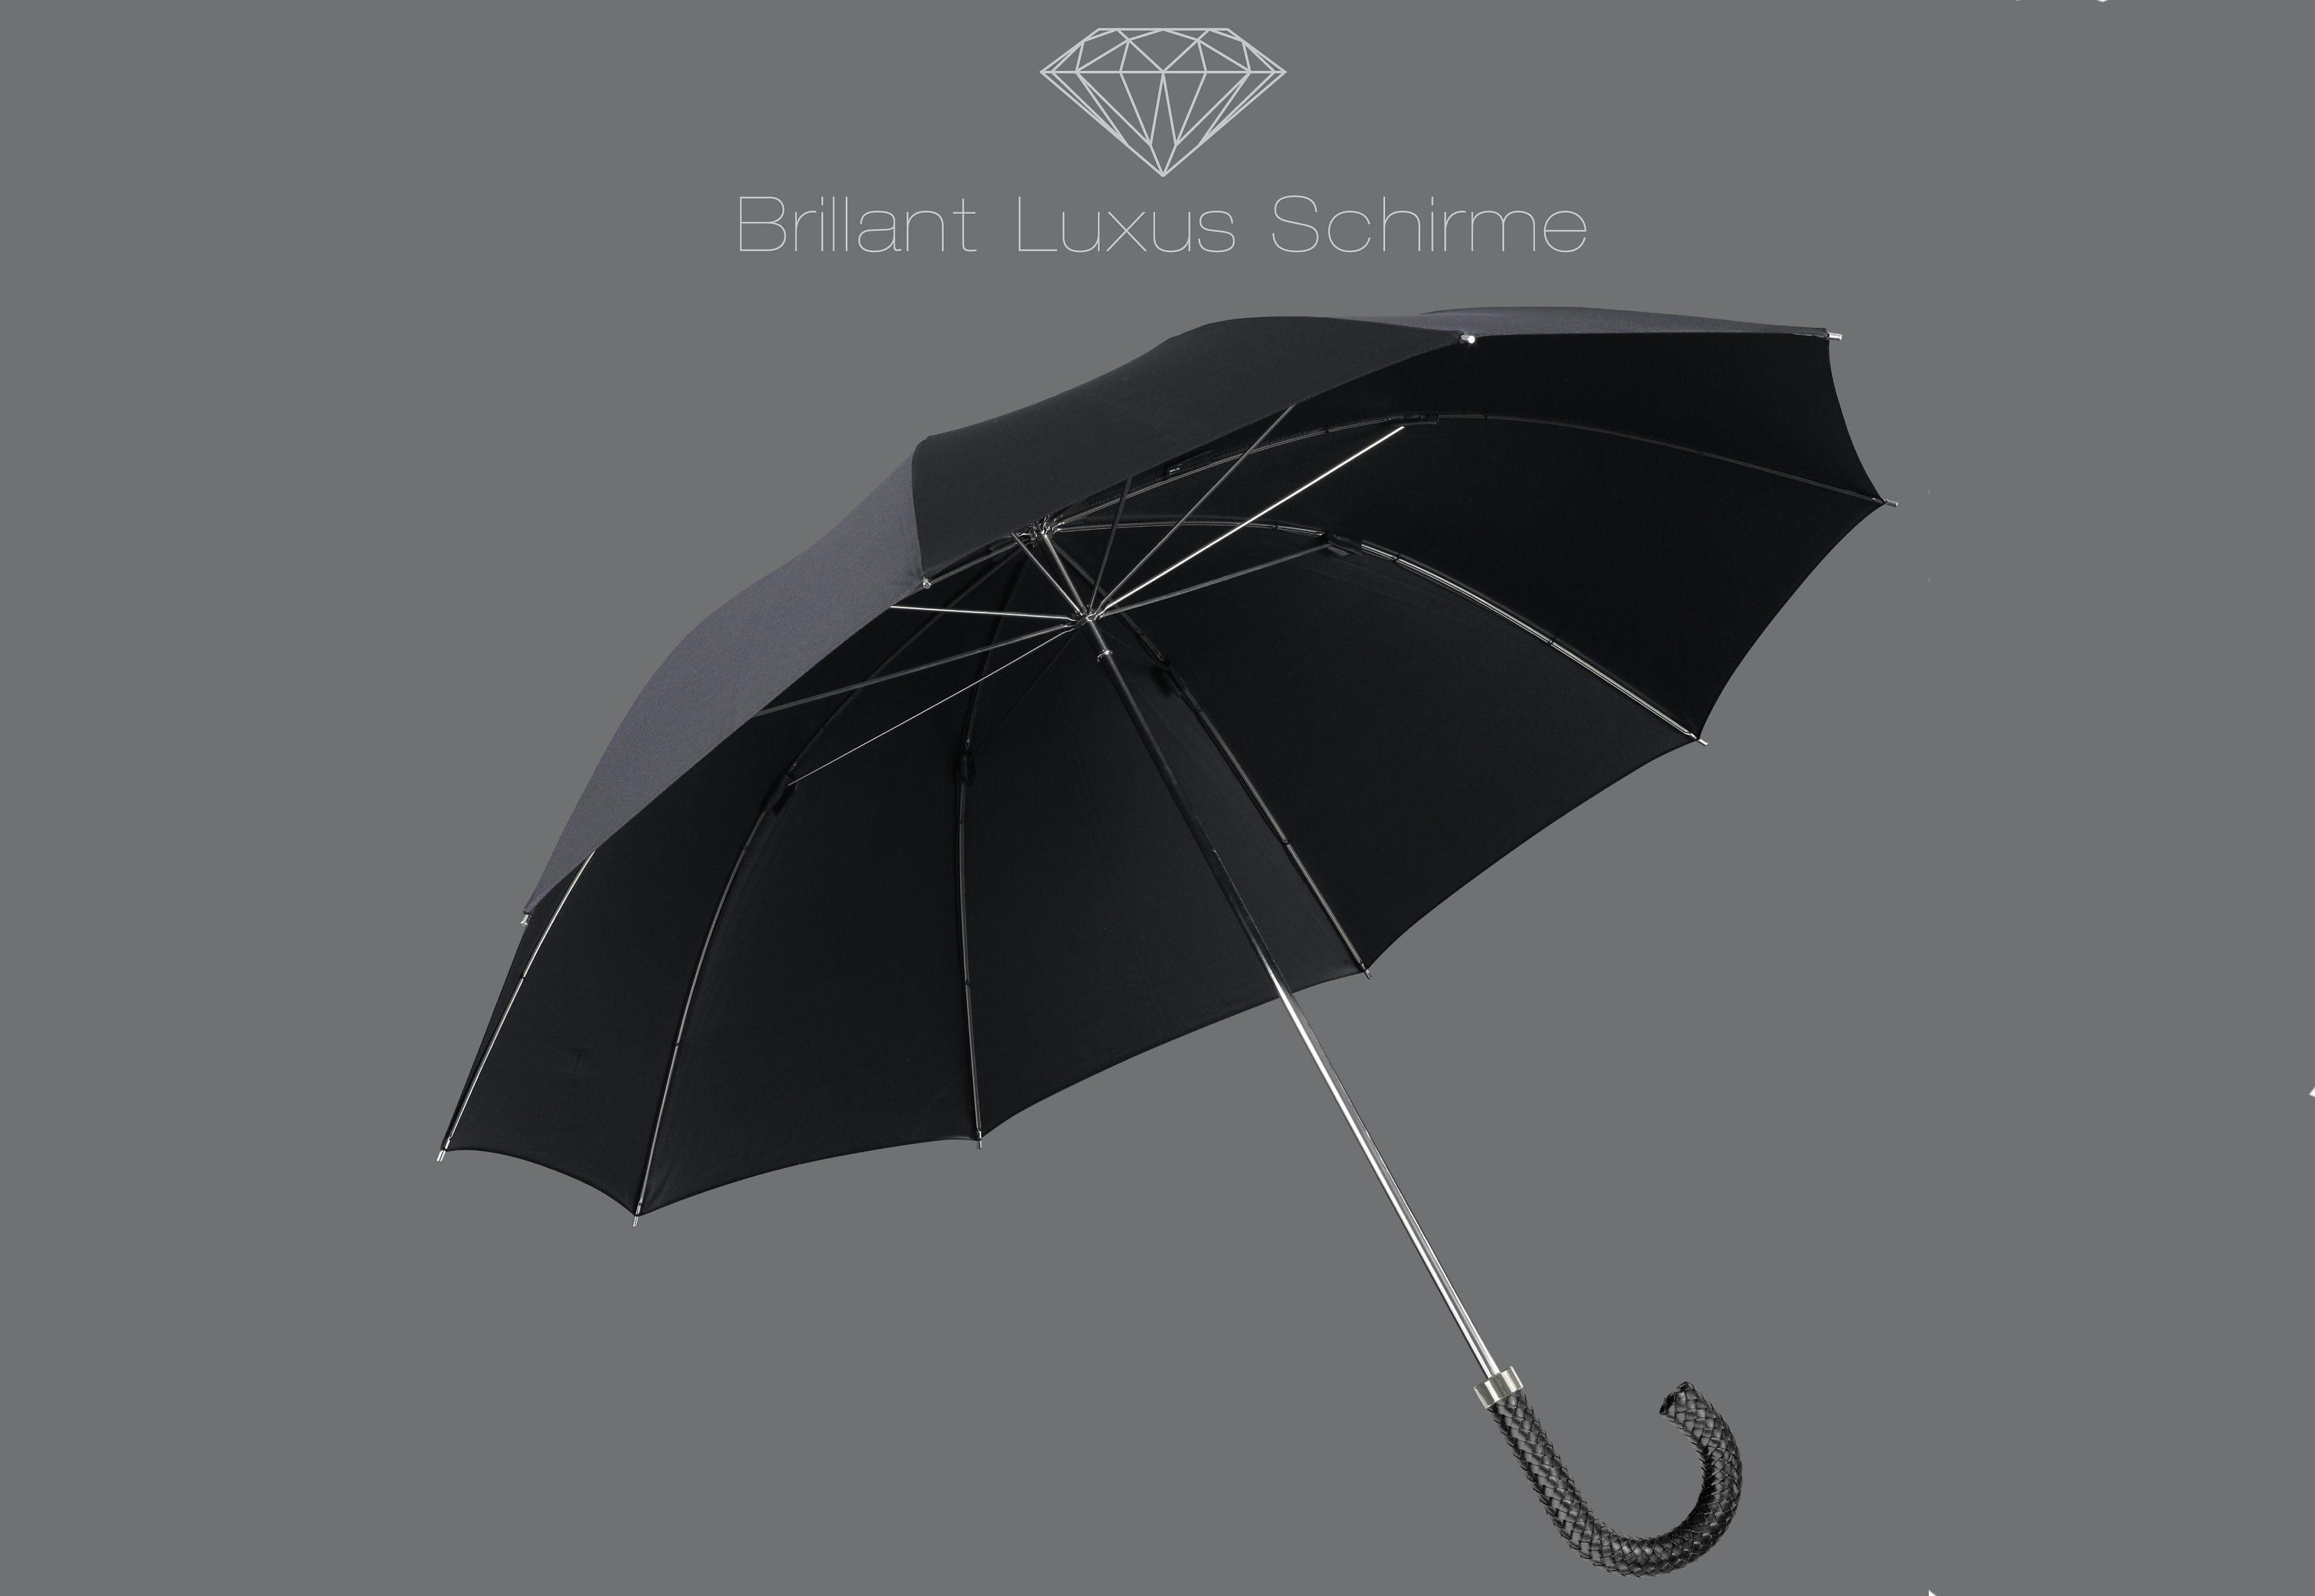 Euroschirm® Regenschirm mit Flechtleder-Griff, »Brillant Luxus Herrenschirm«   Accessoires > Regenschirme > Sonstige Regenschirme   Schwarz   EUROSCHIRM®